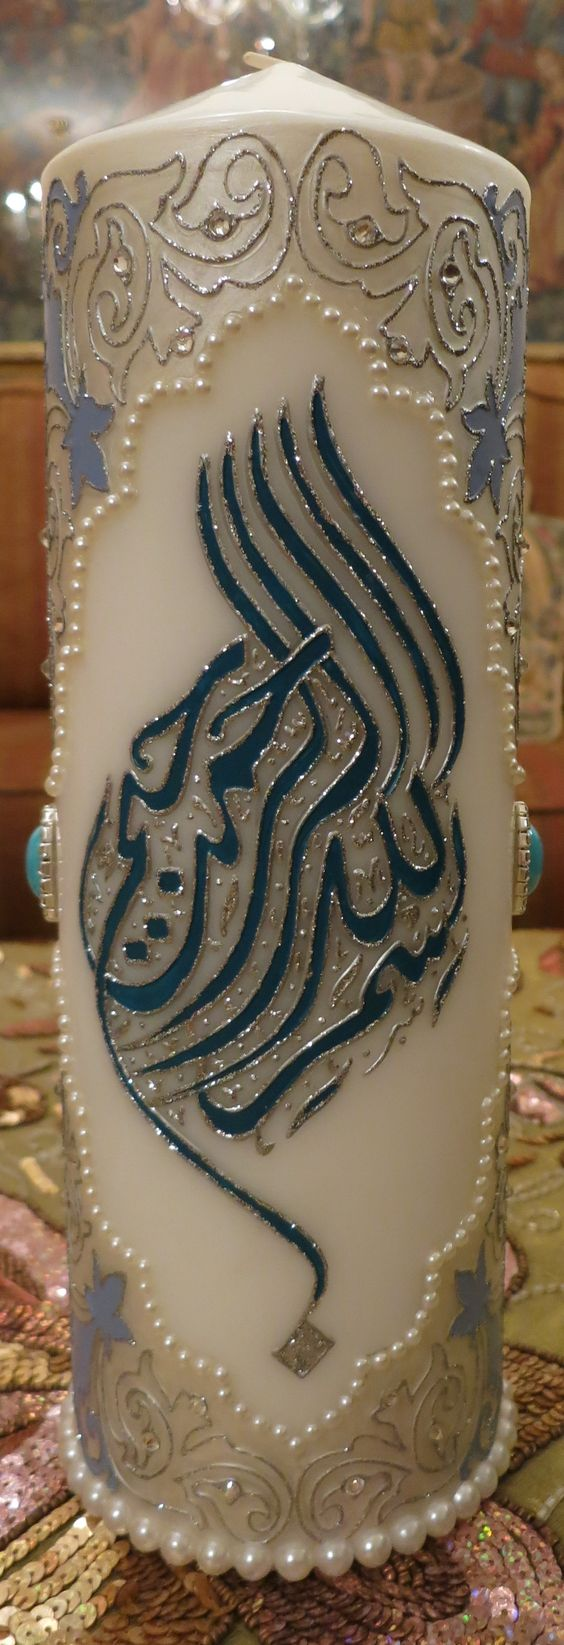 Candle Art Islamic Wedding Gift